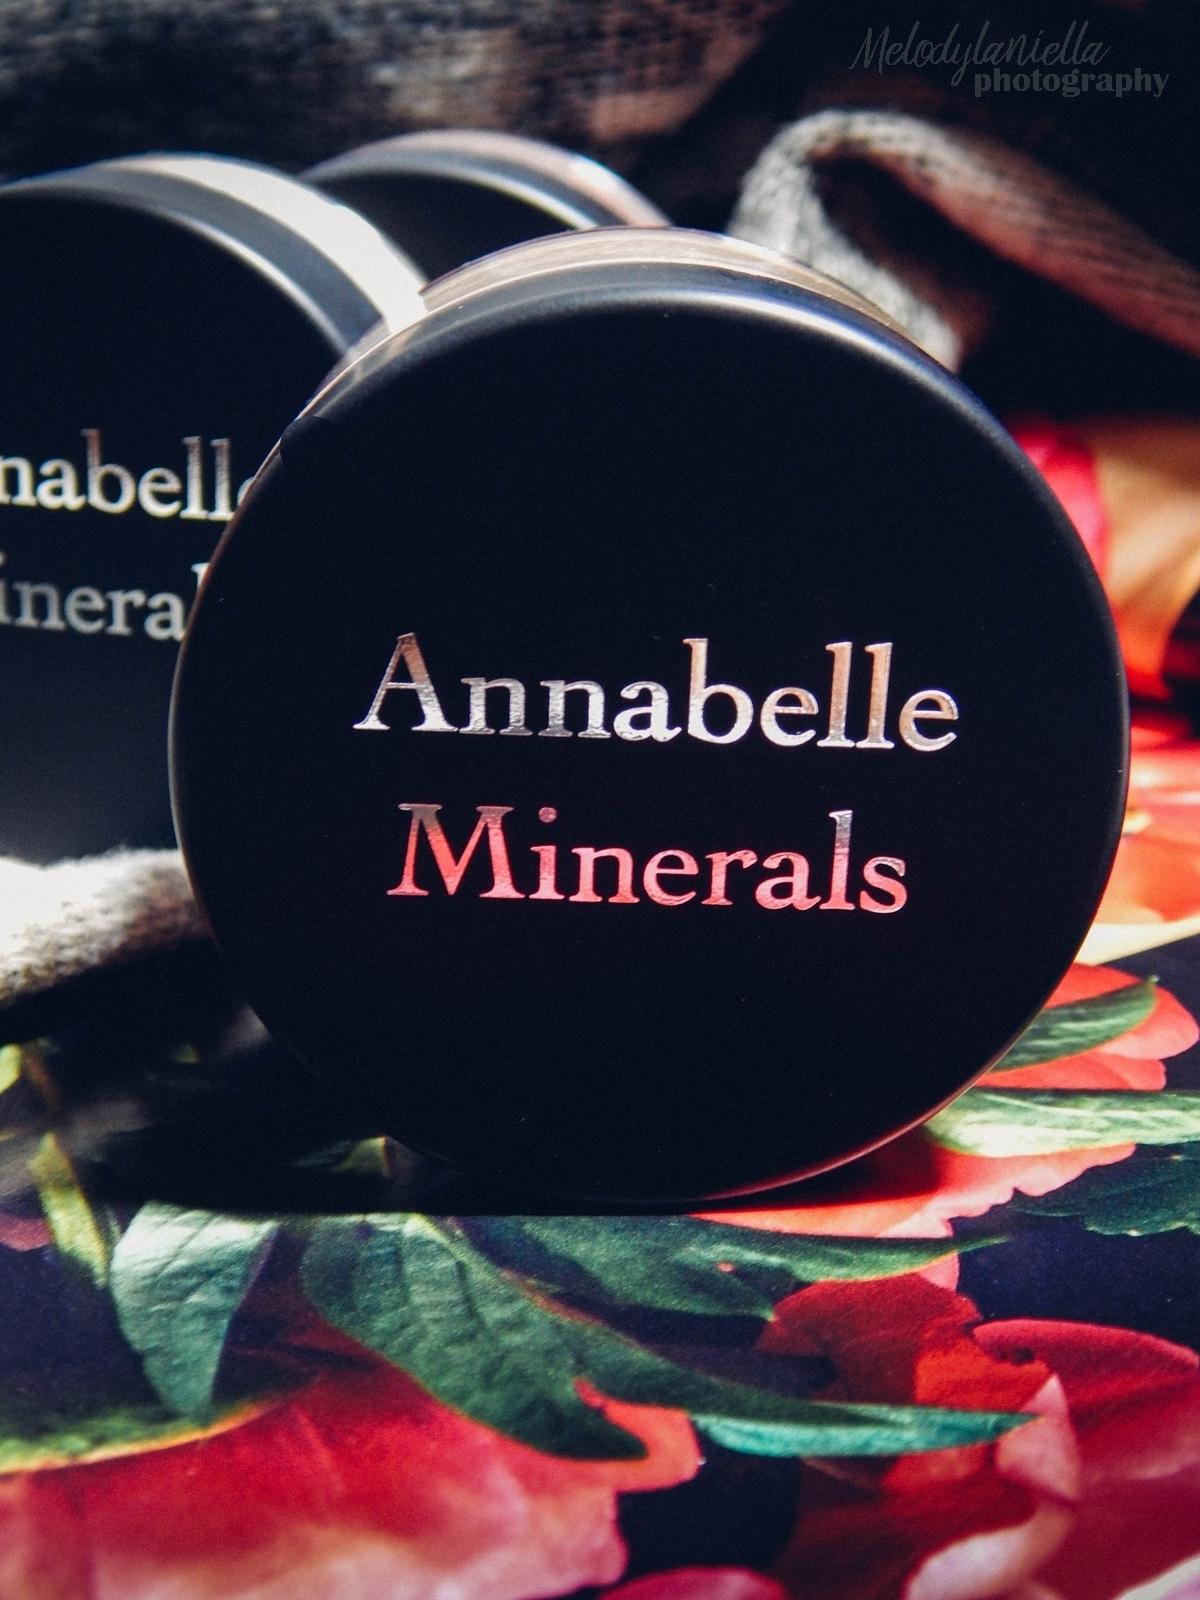 annabelle minerals kosmetyki mineralne zestaw matujący korektor podkład róż gratis pędzel jak używać kosmetyków mineralnych recenzja melodylaniella roz